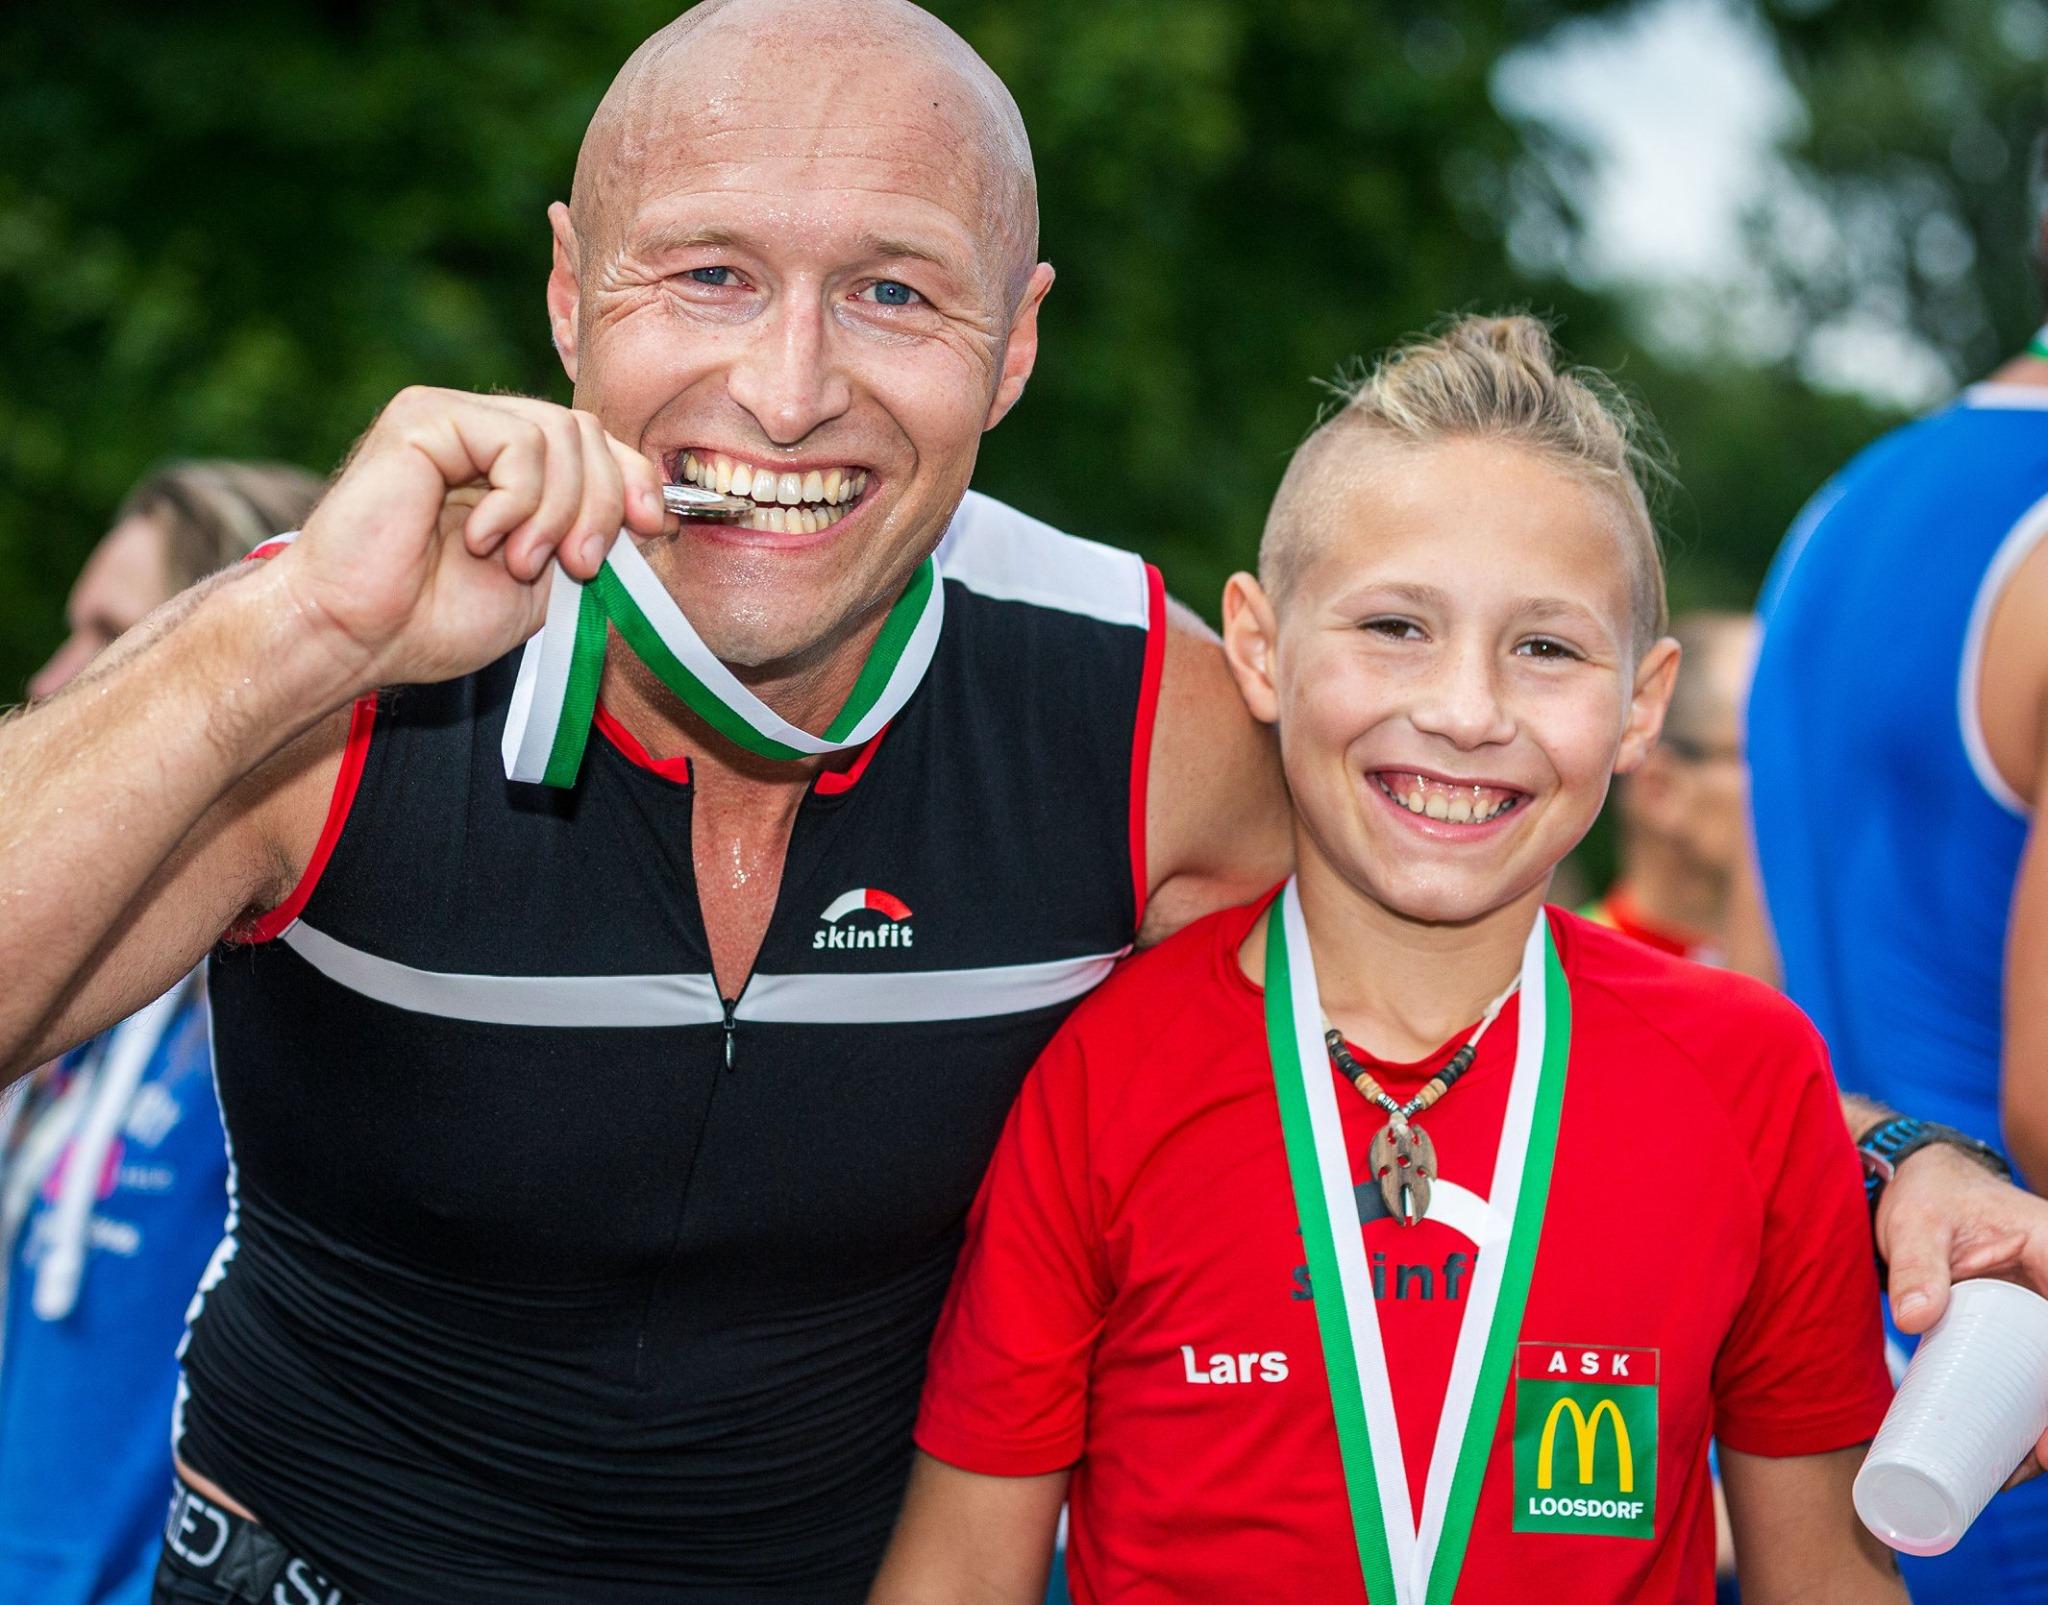 Geschafft! 300 m Schwimmen, 20 km Rad, 5 km Laufen